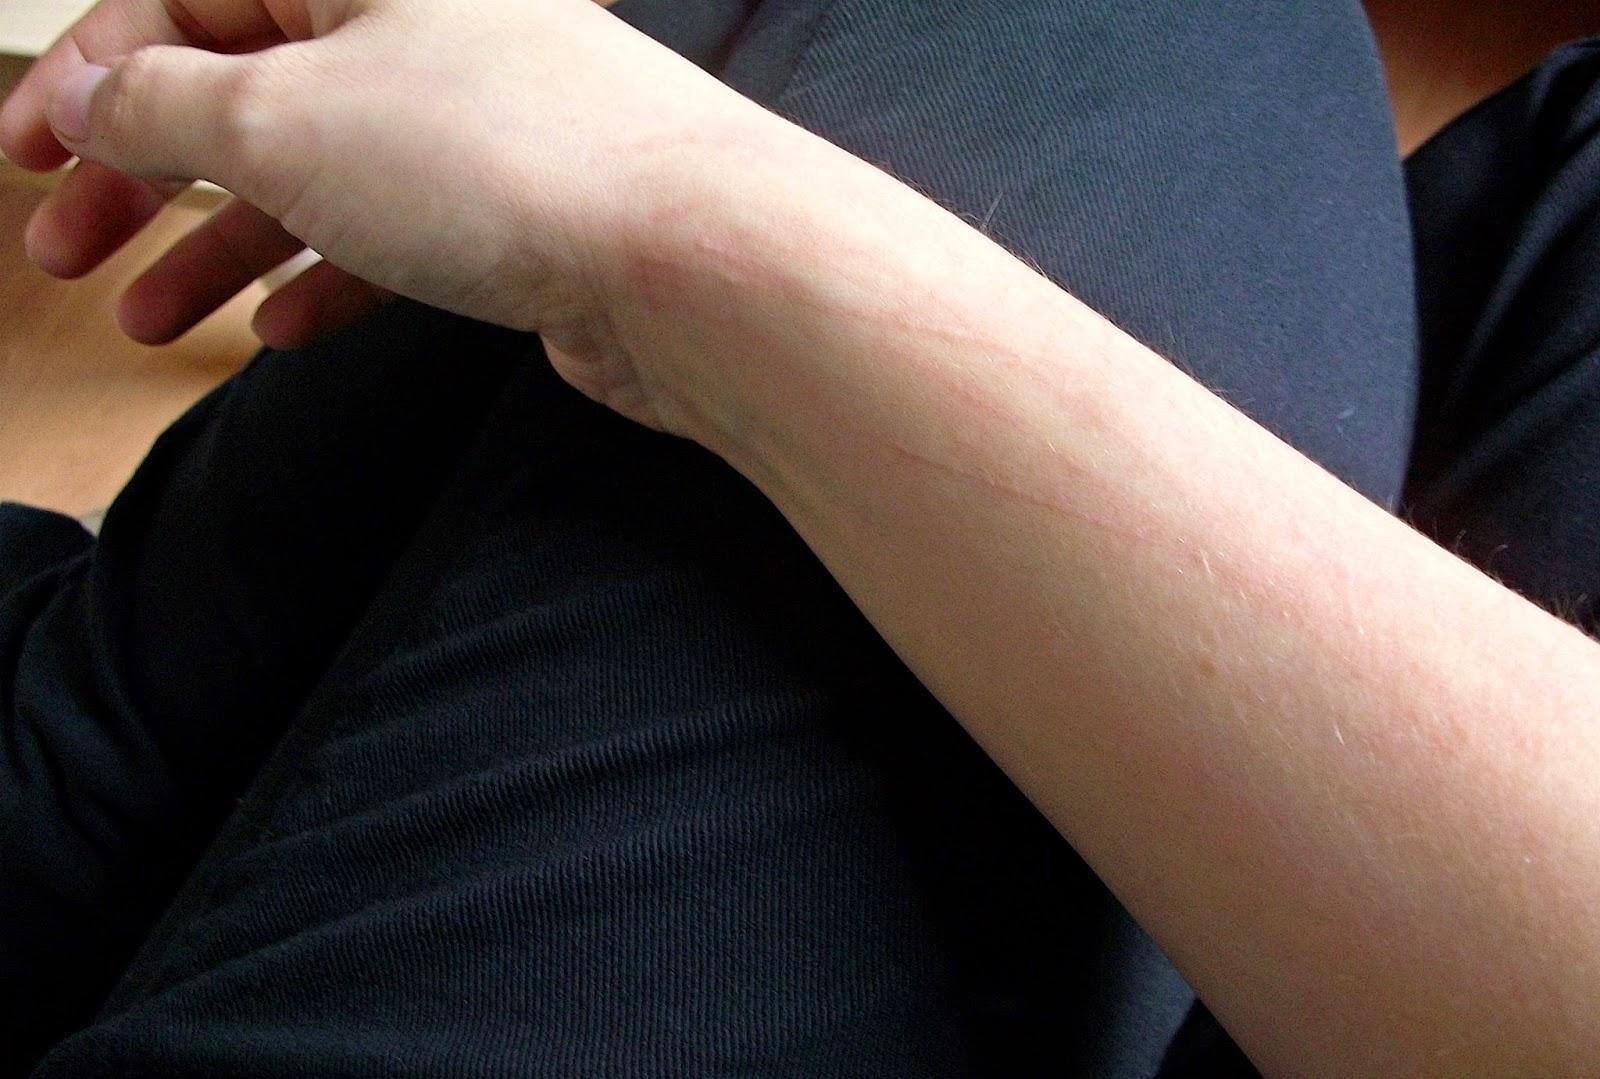 Verrückte Sofas mein leben mit skin picking dermatillomanie meine verrückte haut